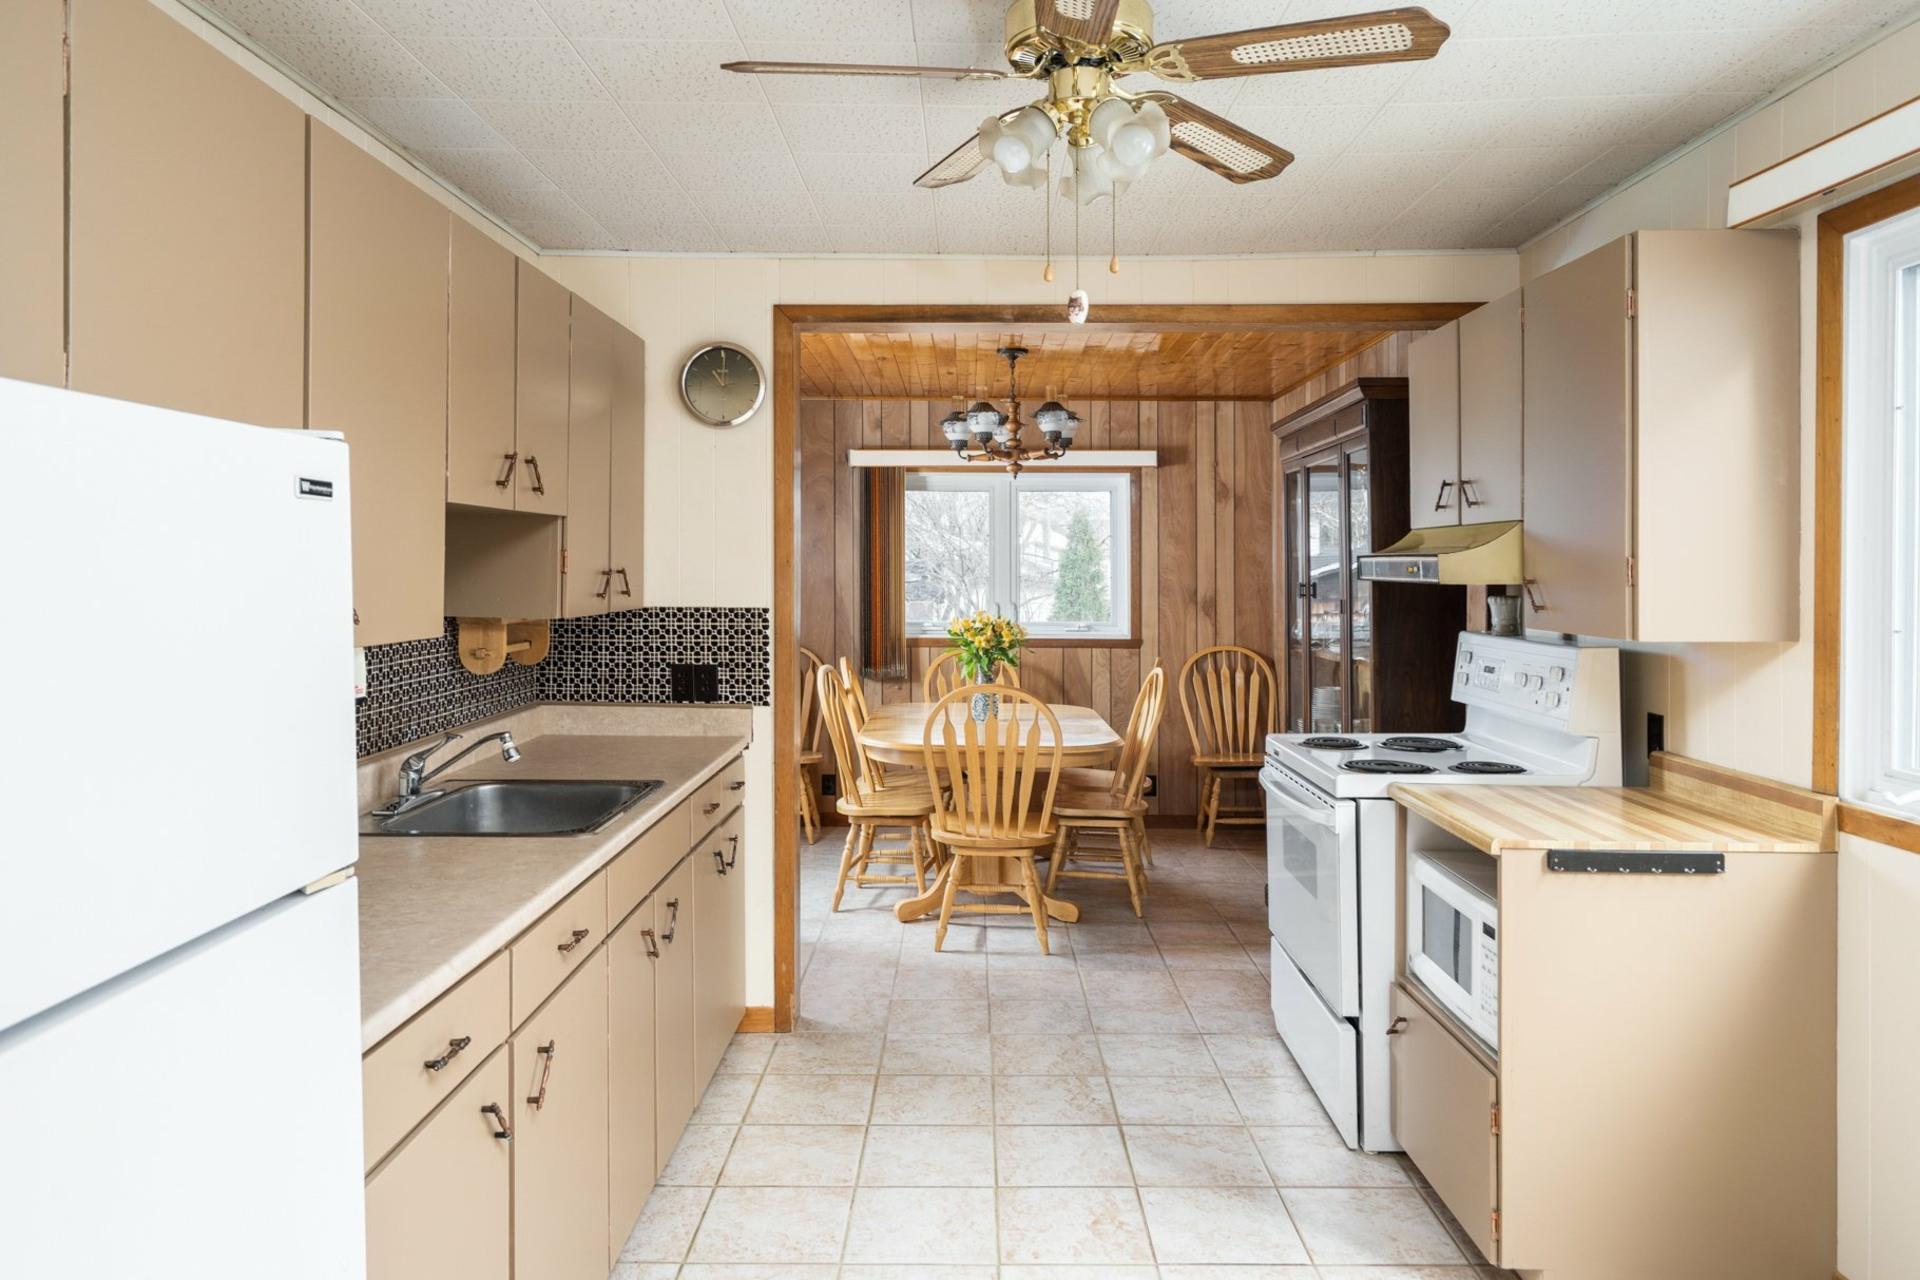 image 4 - House For sale Saint-Laurent Montréal  - 9 rooms